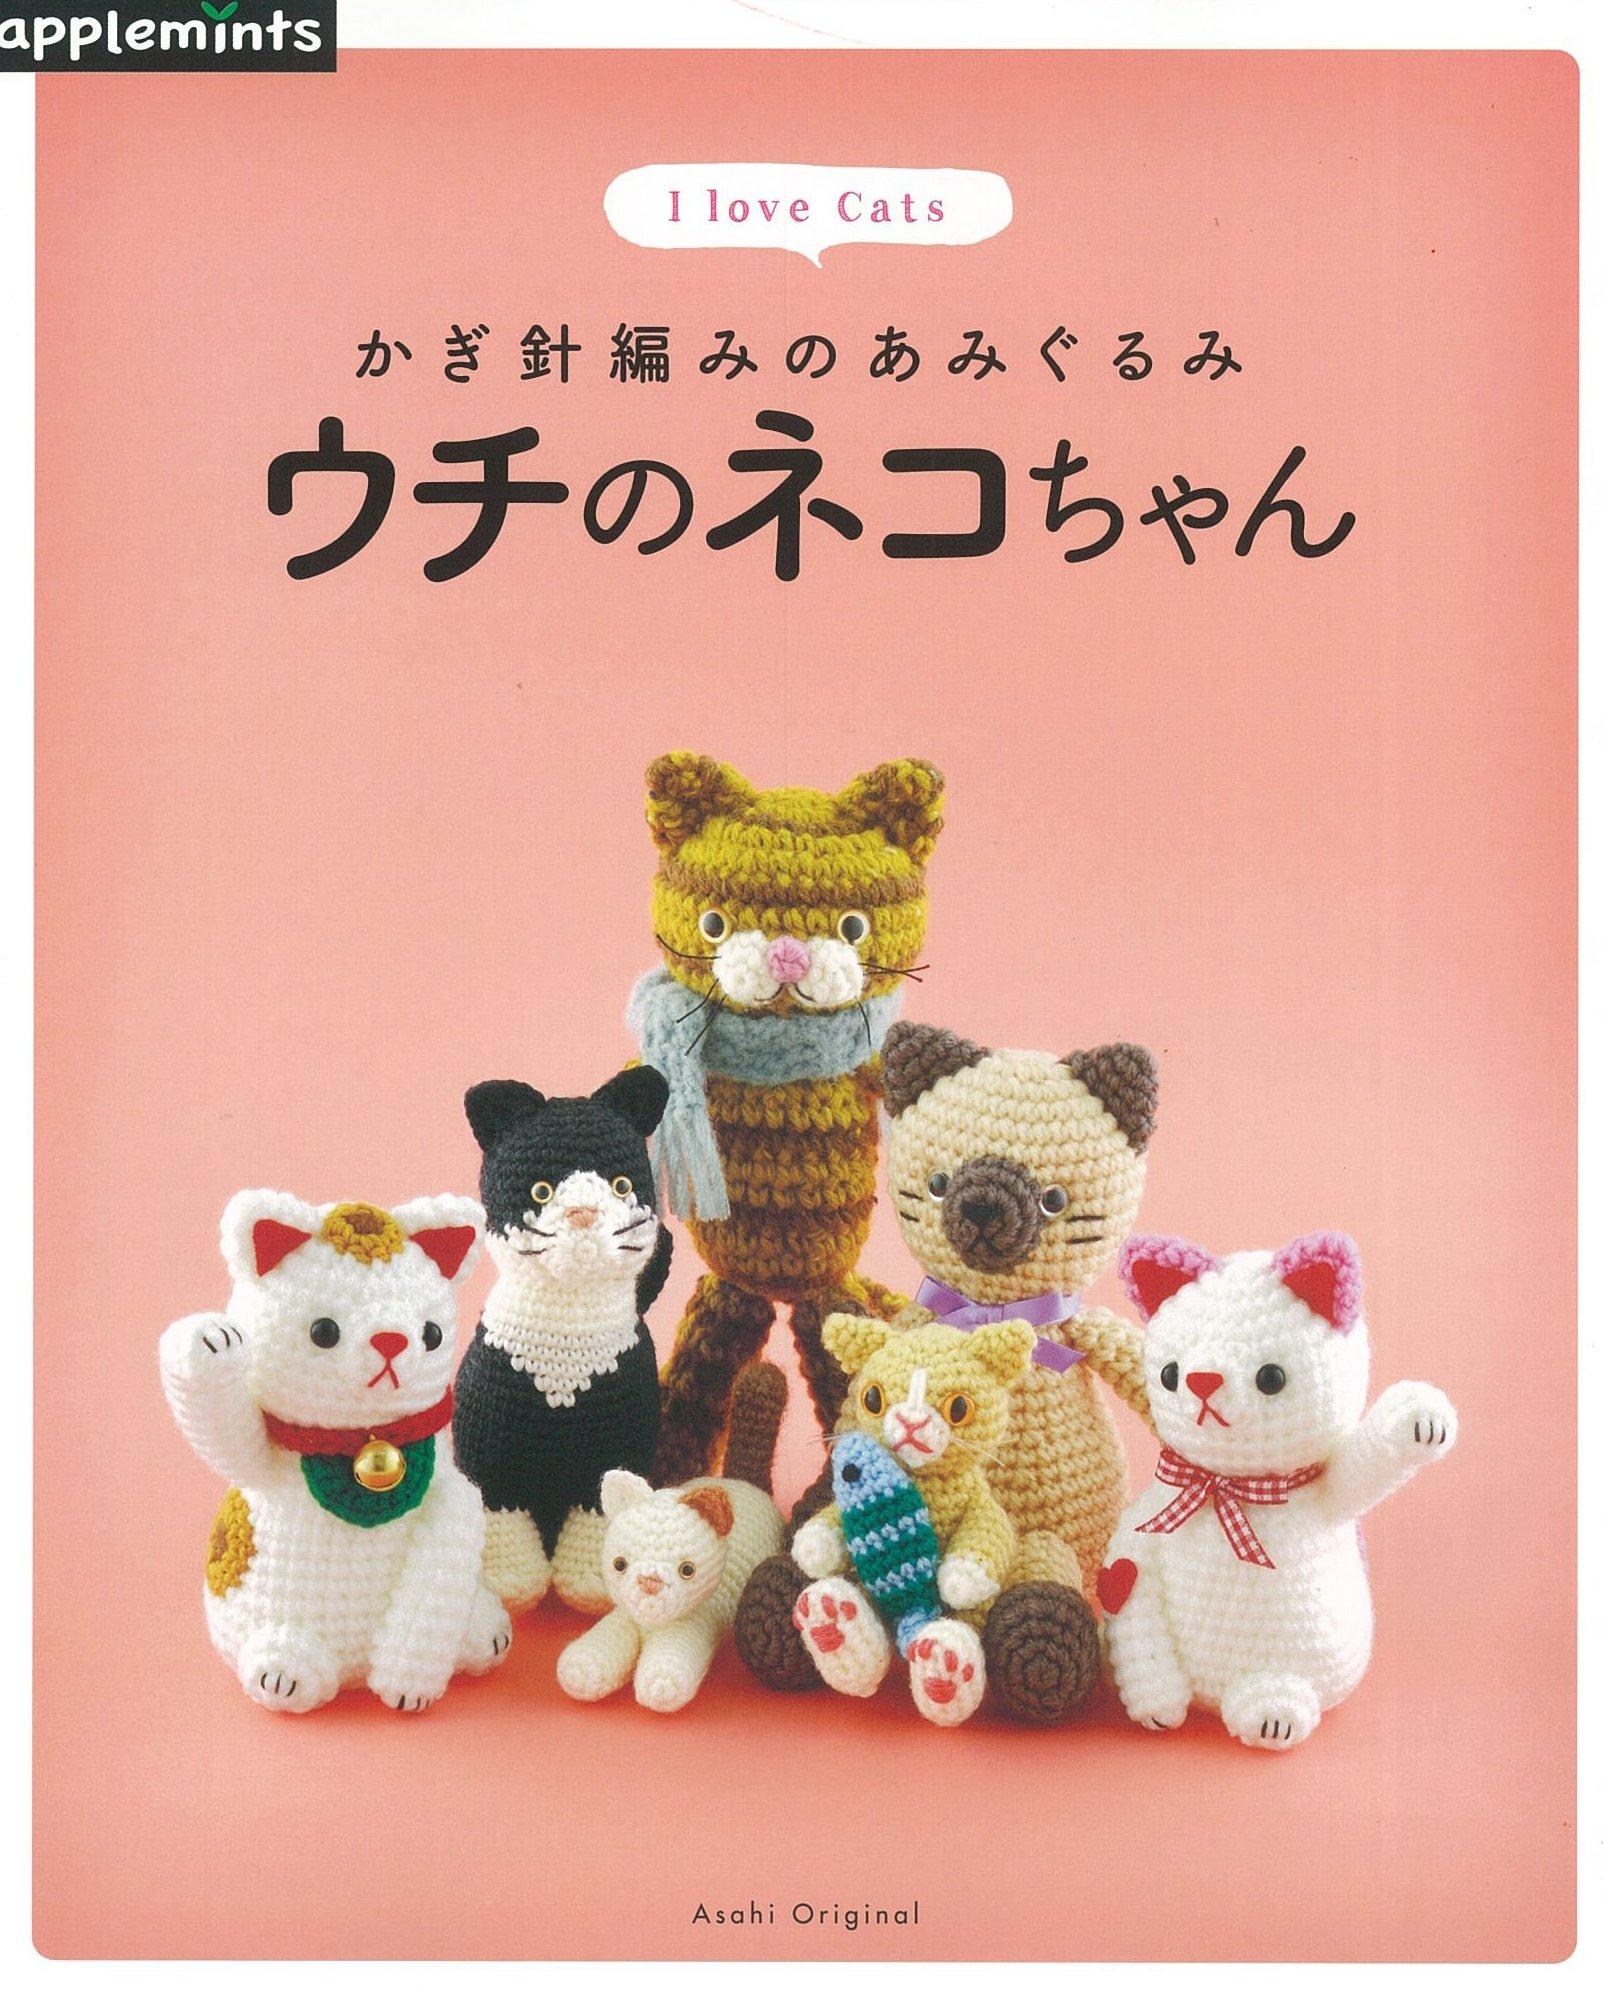 I  Love Cats crochet